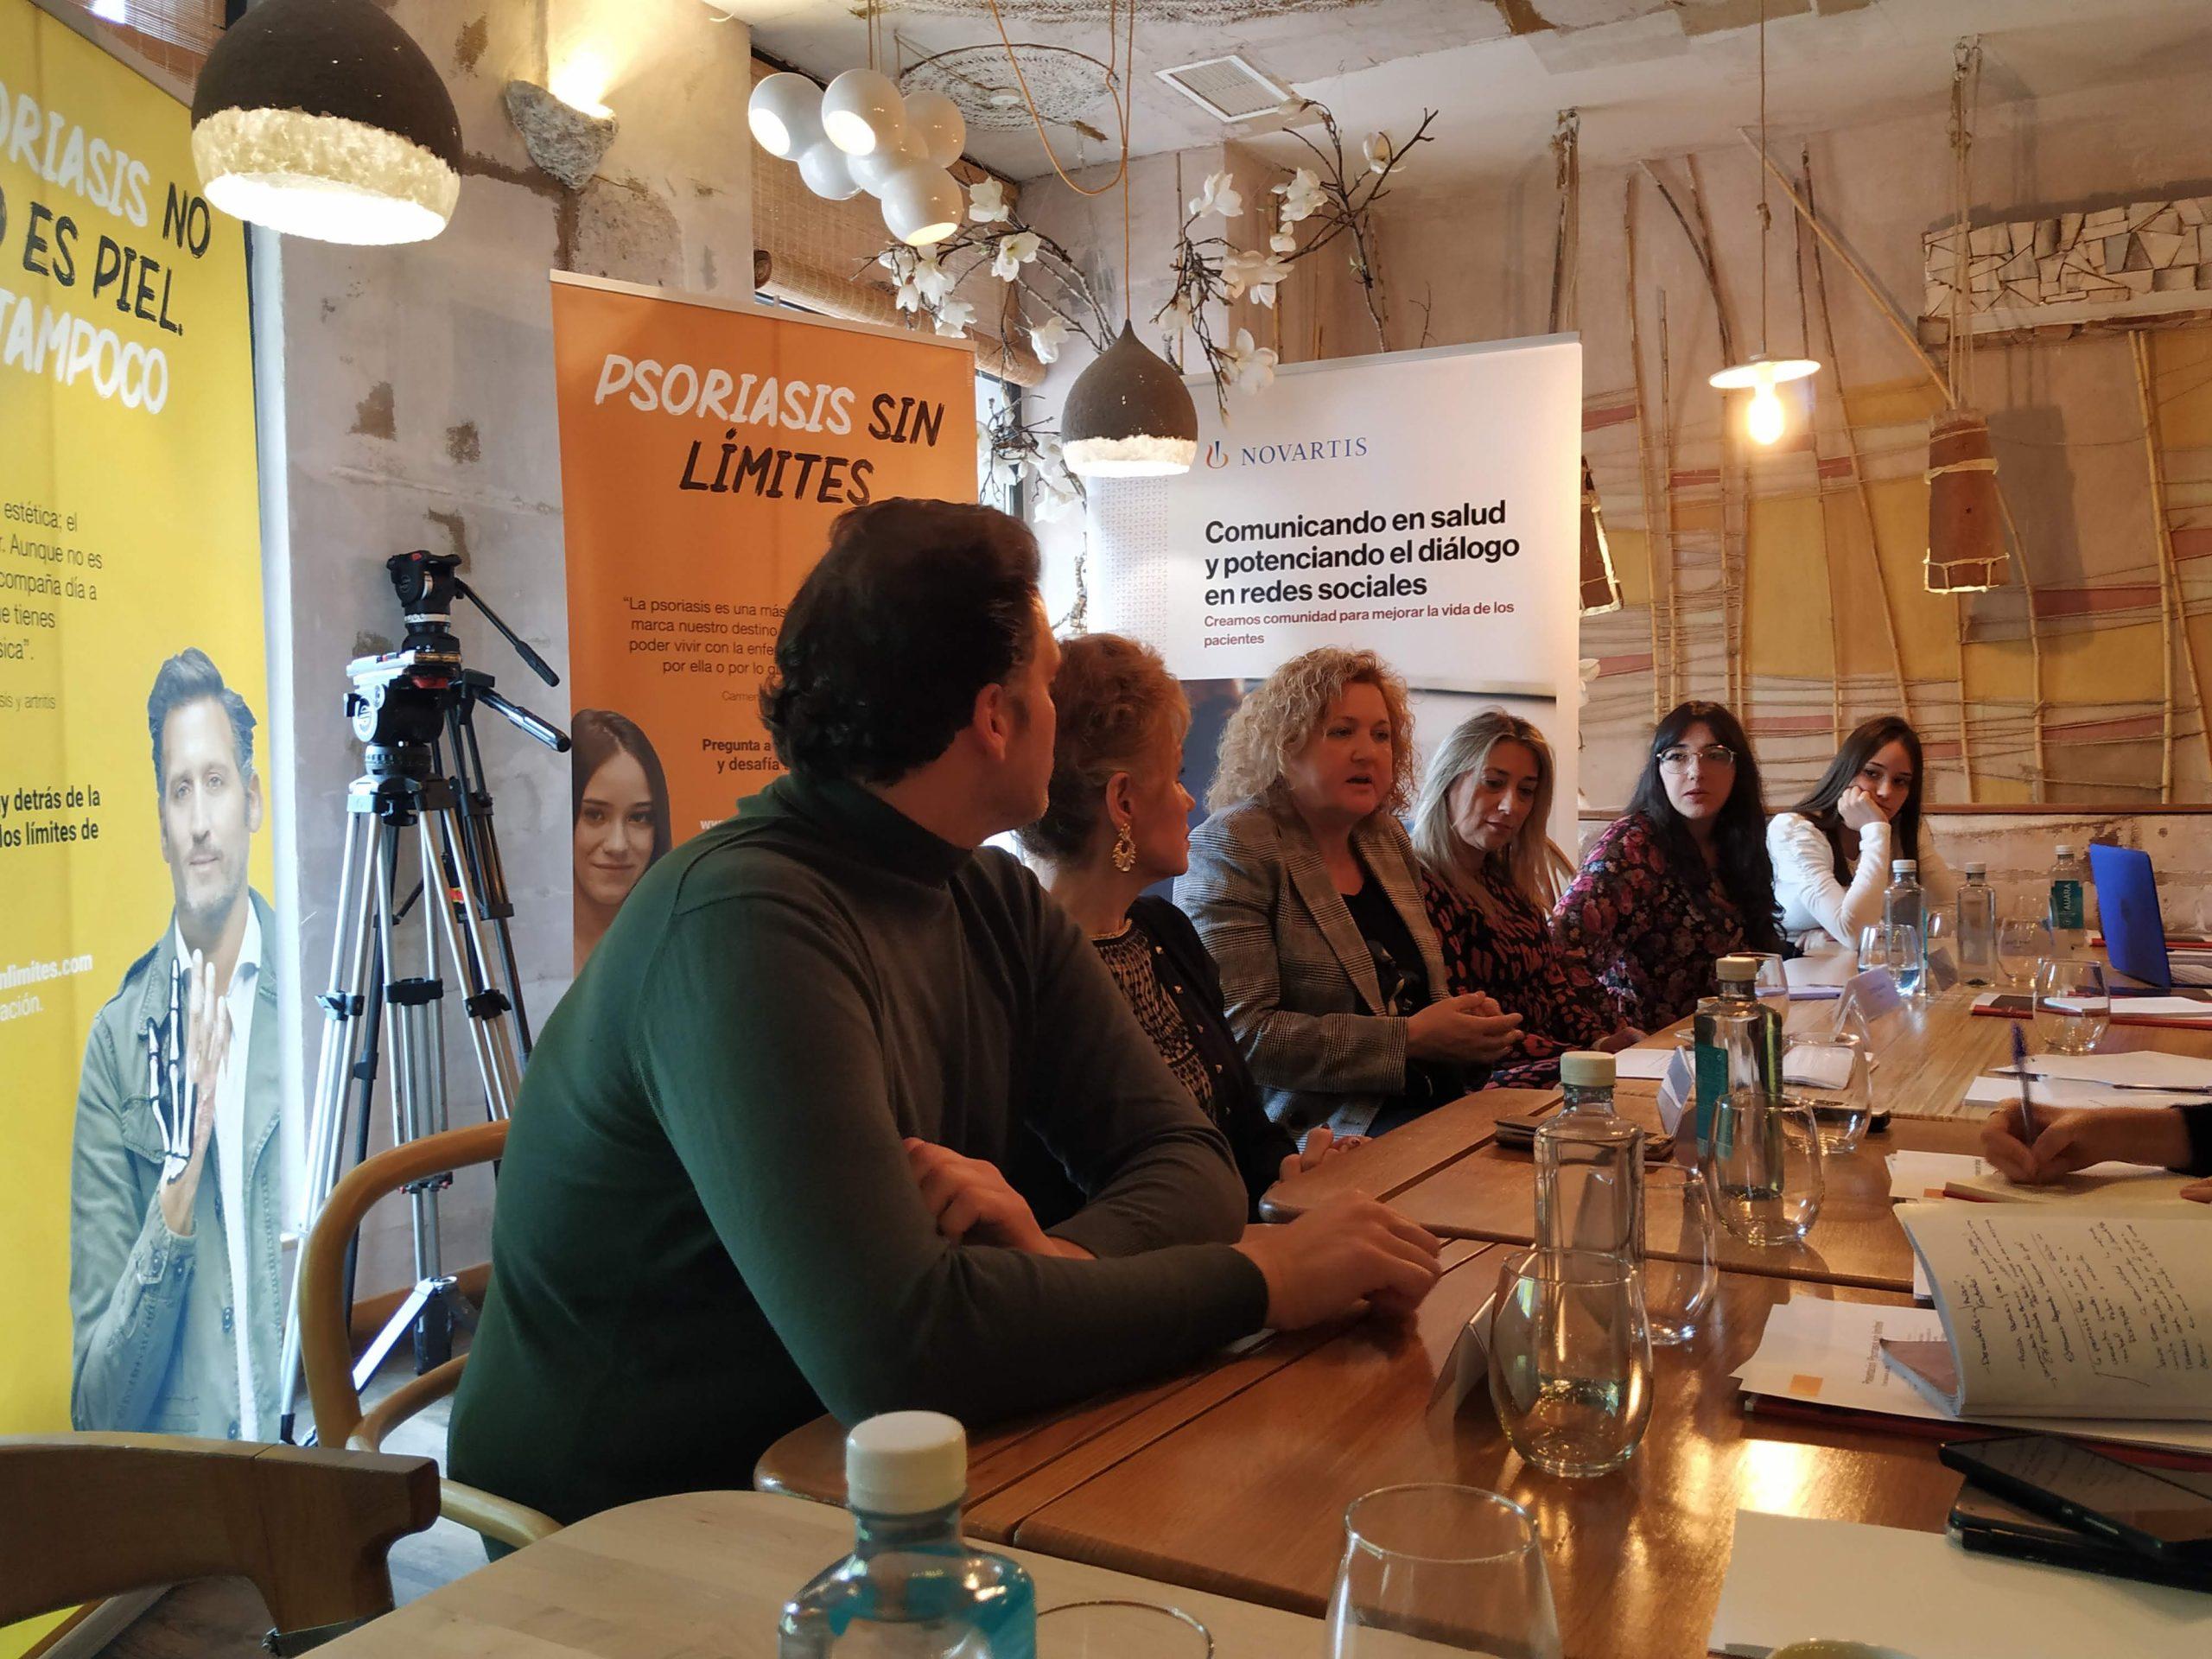 """psoriasis sin límites scaled - Acción Psoriasis y Novartis lanzan la campaña """"Psoriasis sin límites"""""""